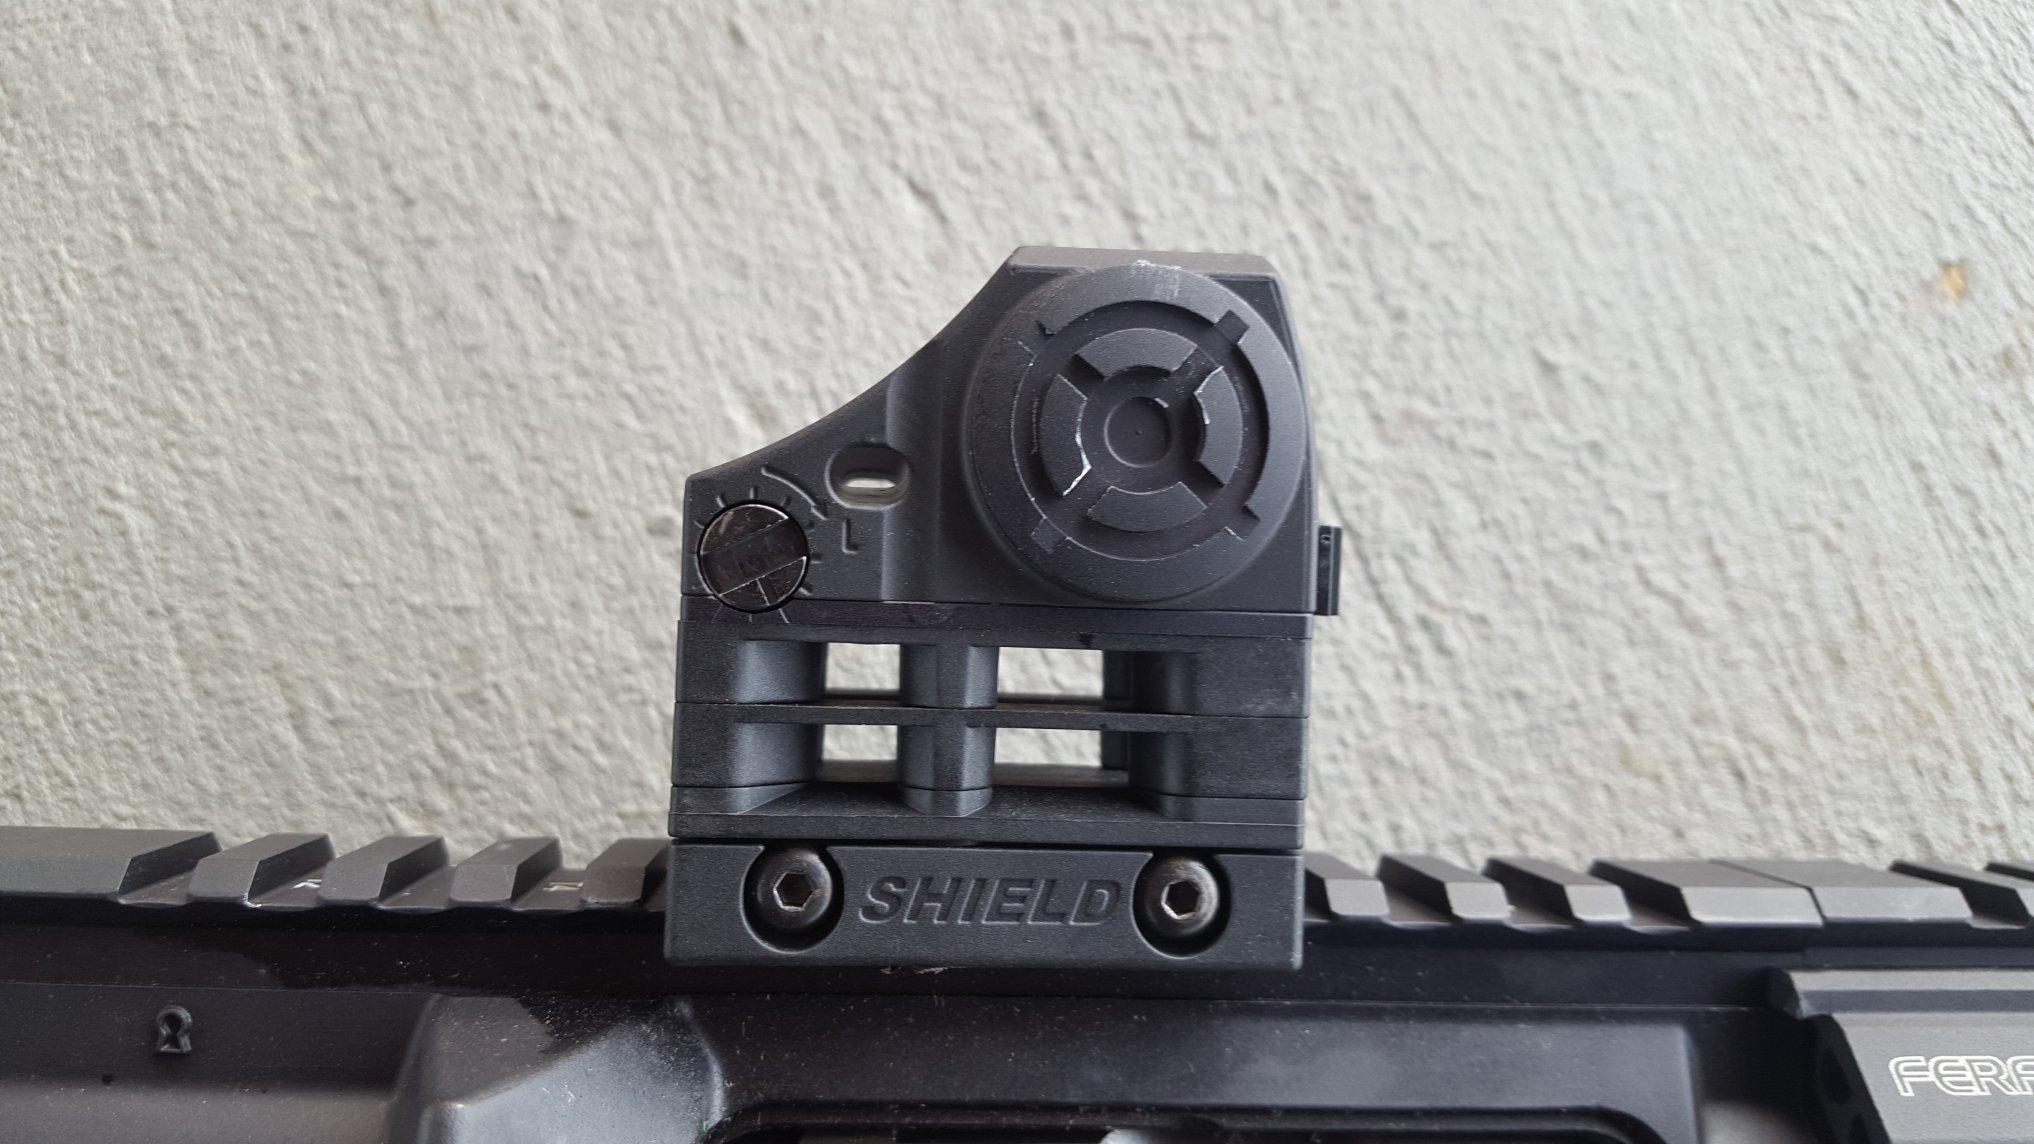 shield red dot